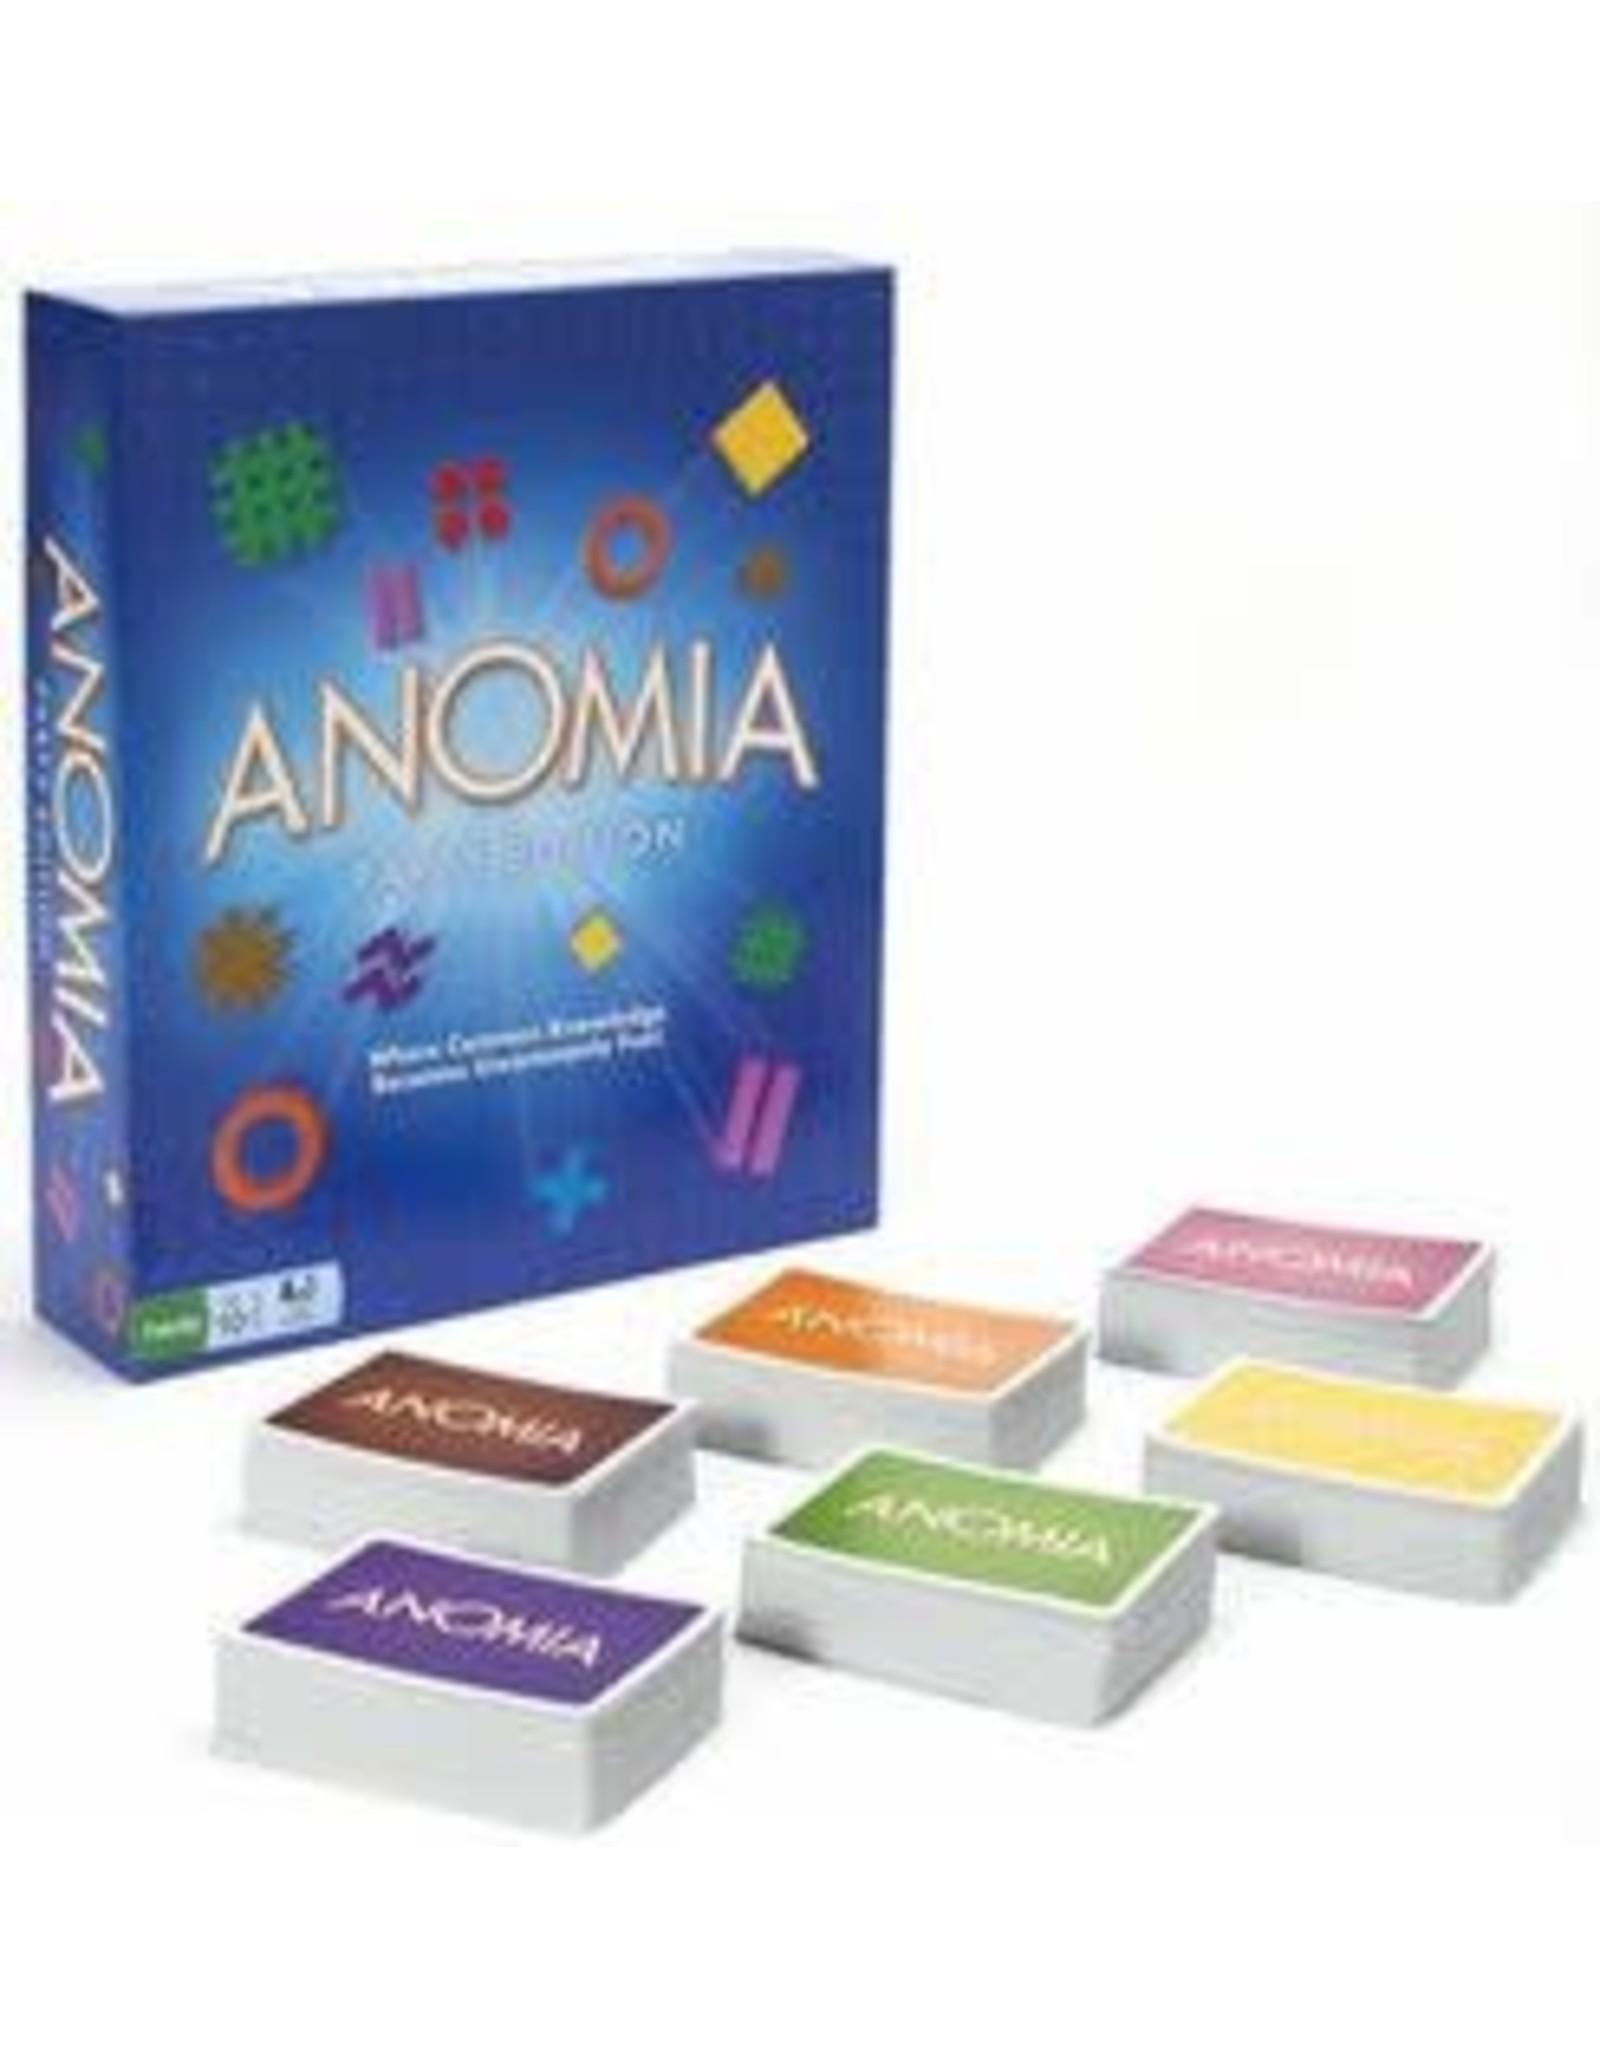 Anomia Press ANOMIA PARTY